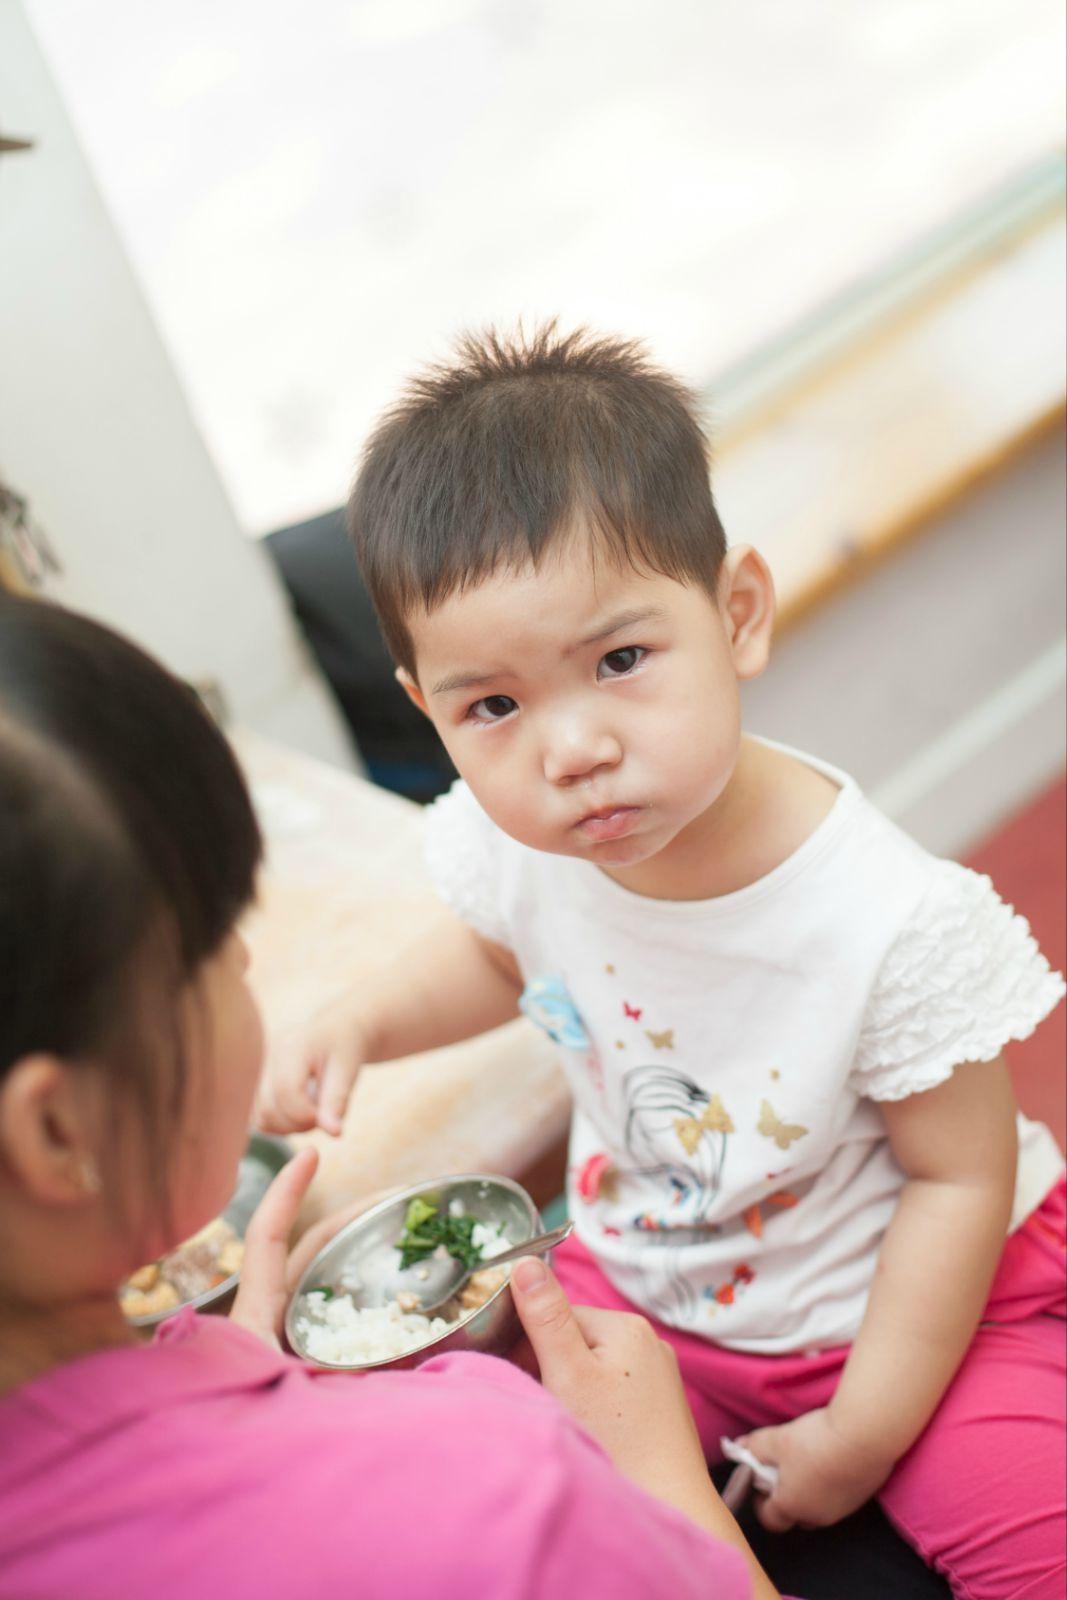 王思田的幼儿园生活——2013年9月